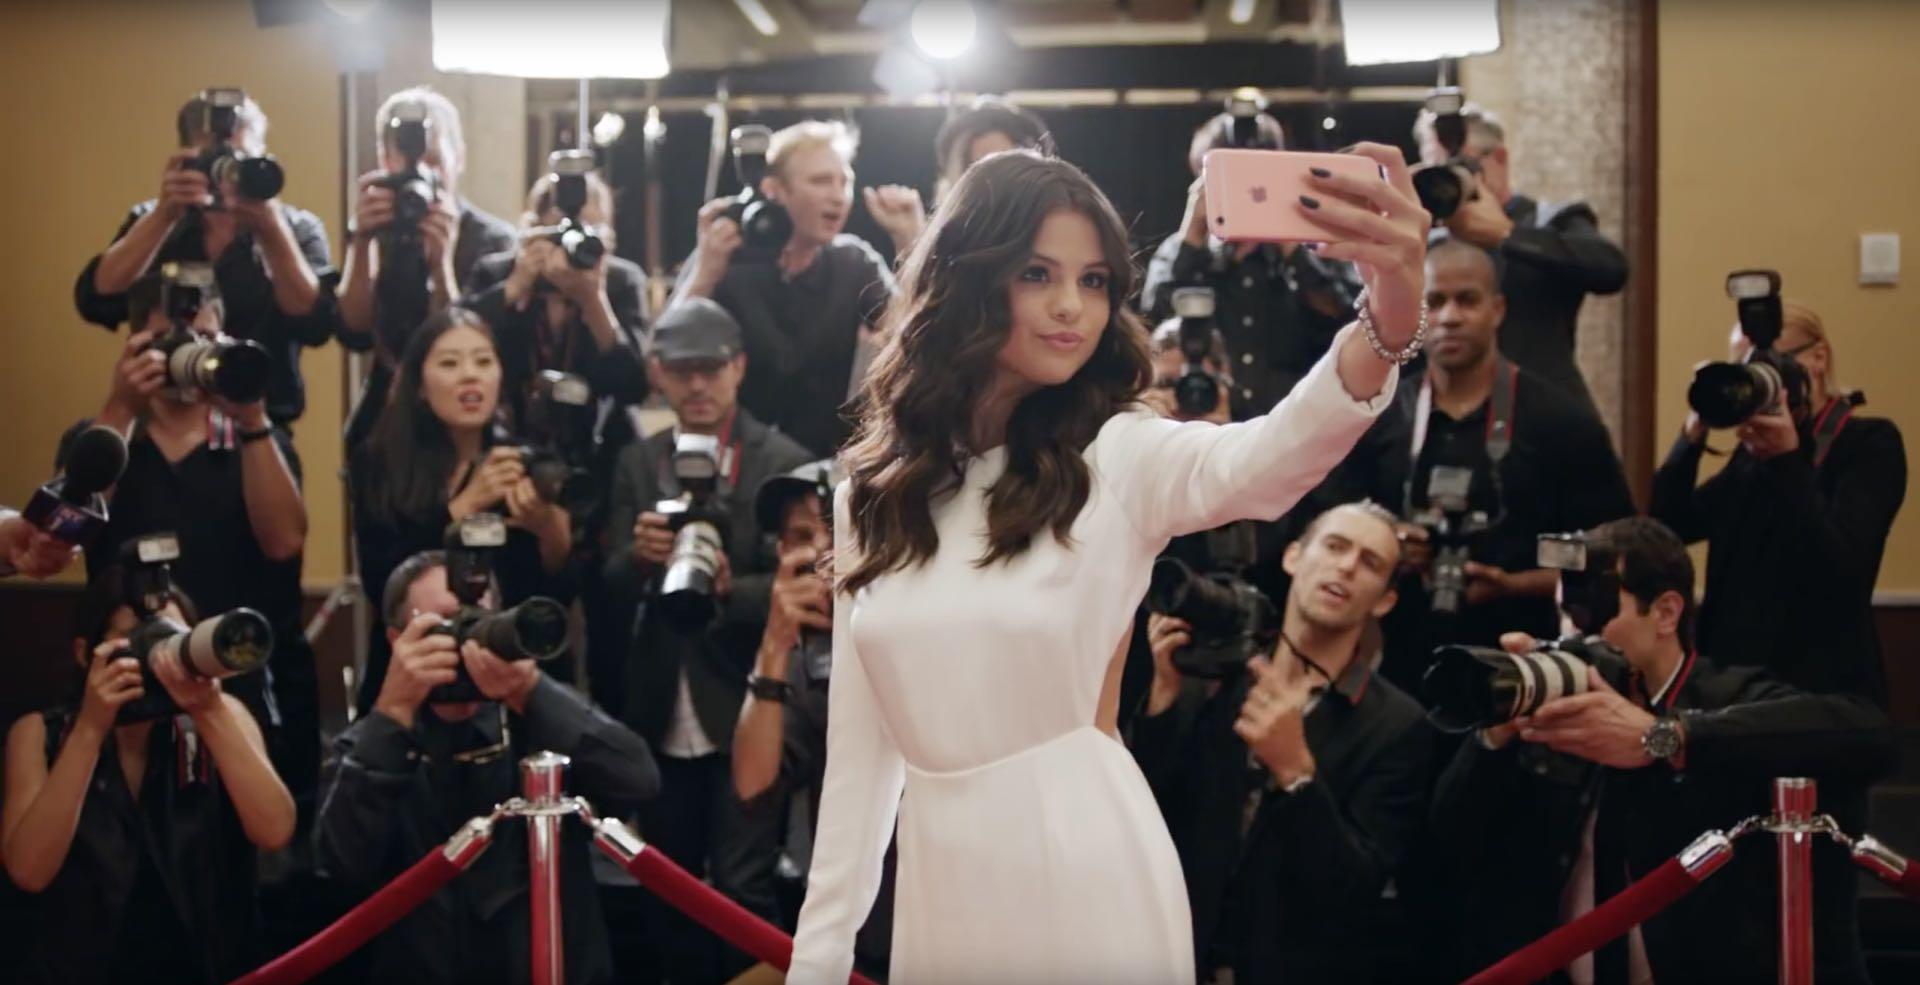 Mirrored iPhone selfies - hero image